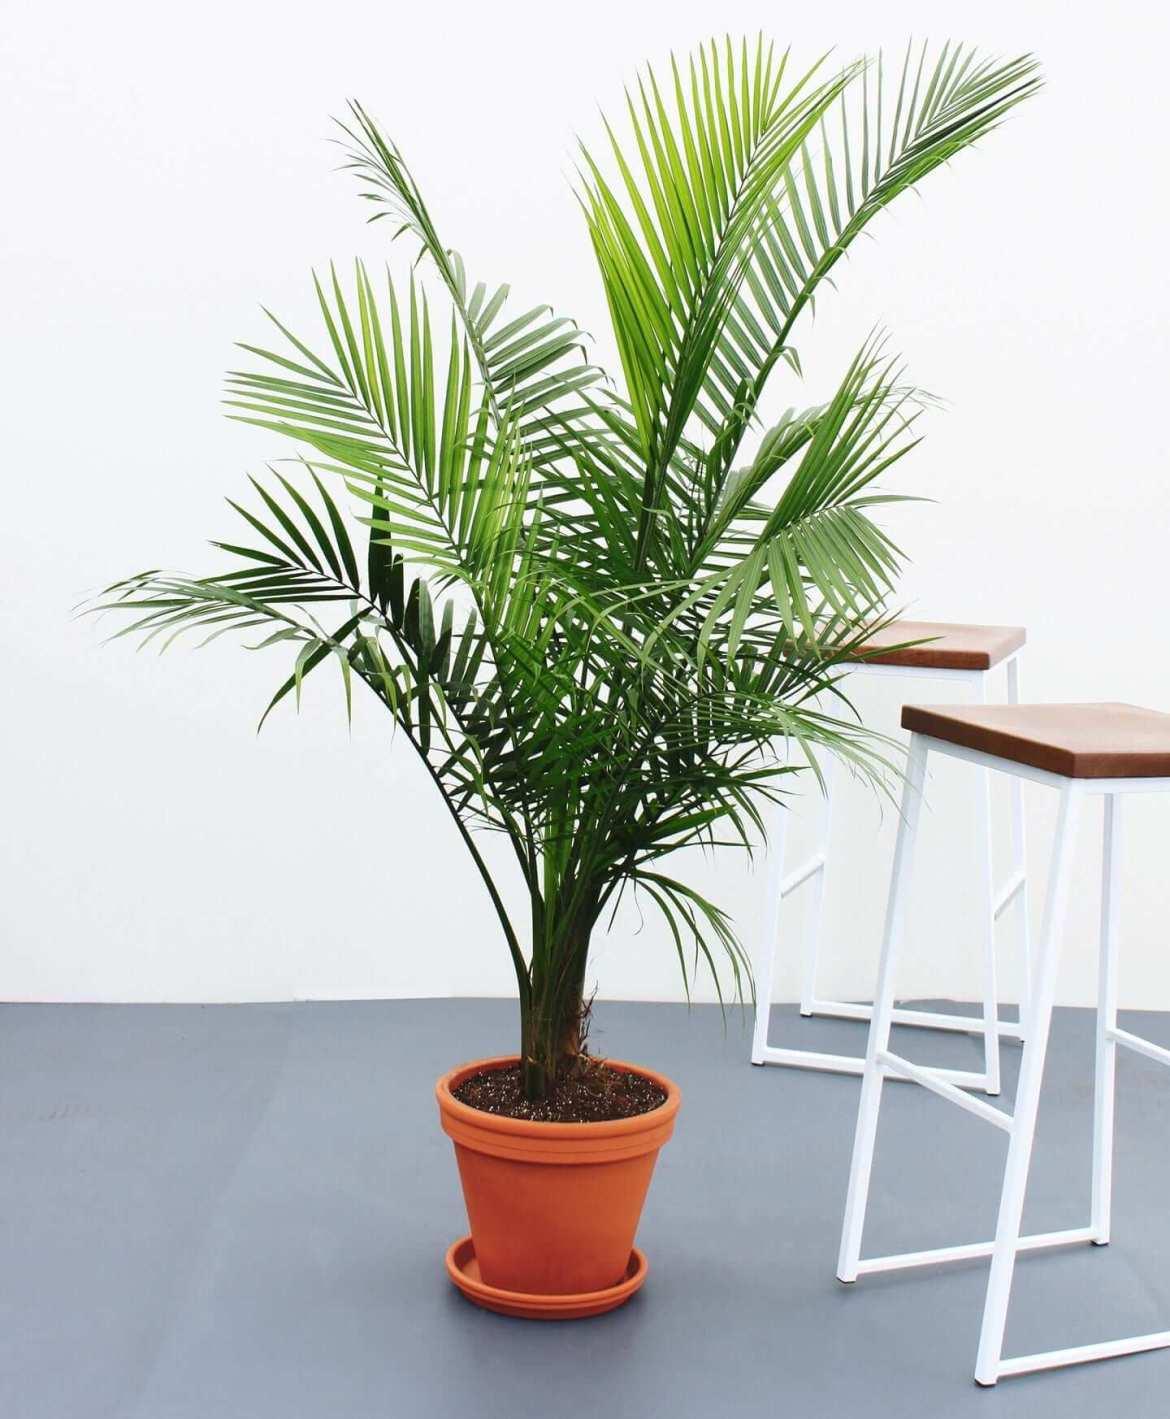 5 Easy Houseplants | Majesty Palm